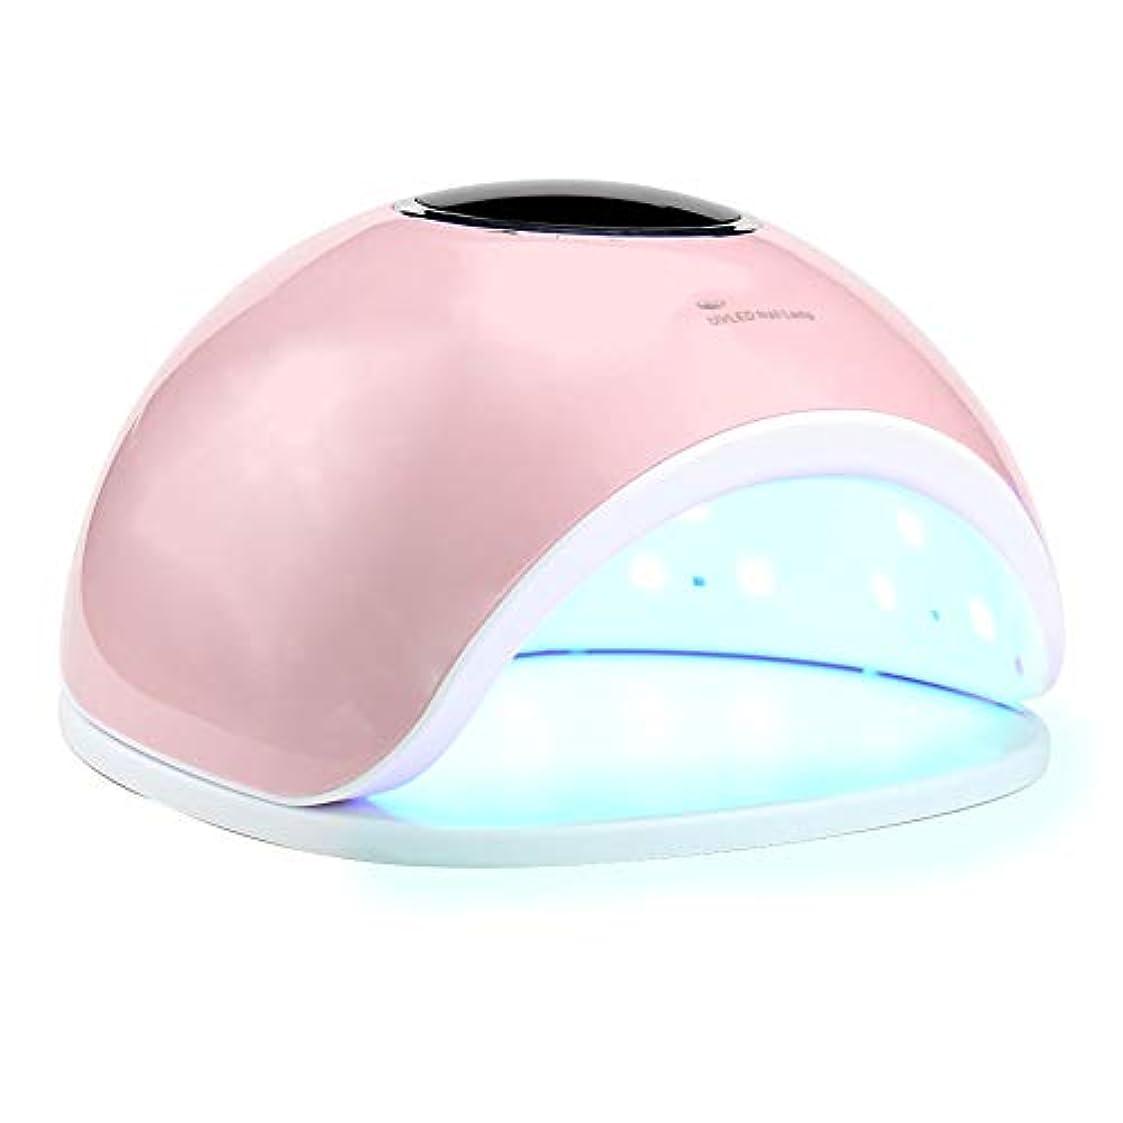 パネルオーバーヘッド不信ネイルドライヤーポータブルネイルライト - ネイル光線療法機33ランプビーズ液晶ディスプレイ無痛モード4タイミング,Pink